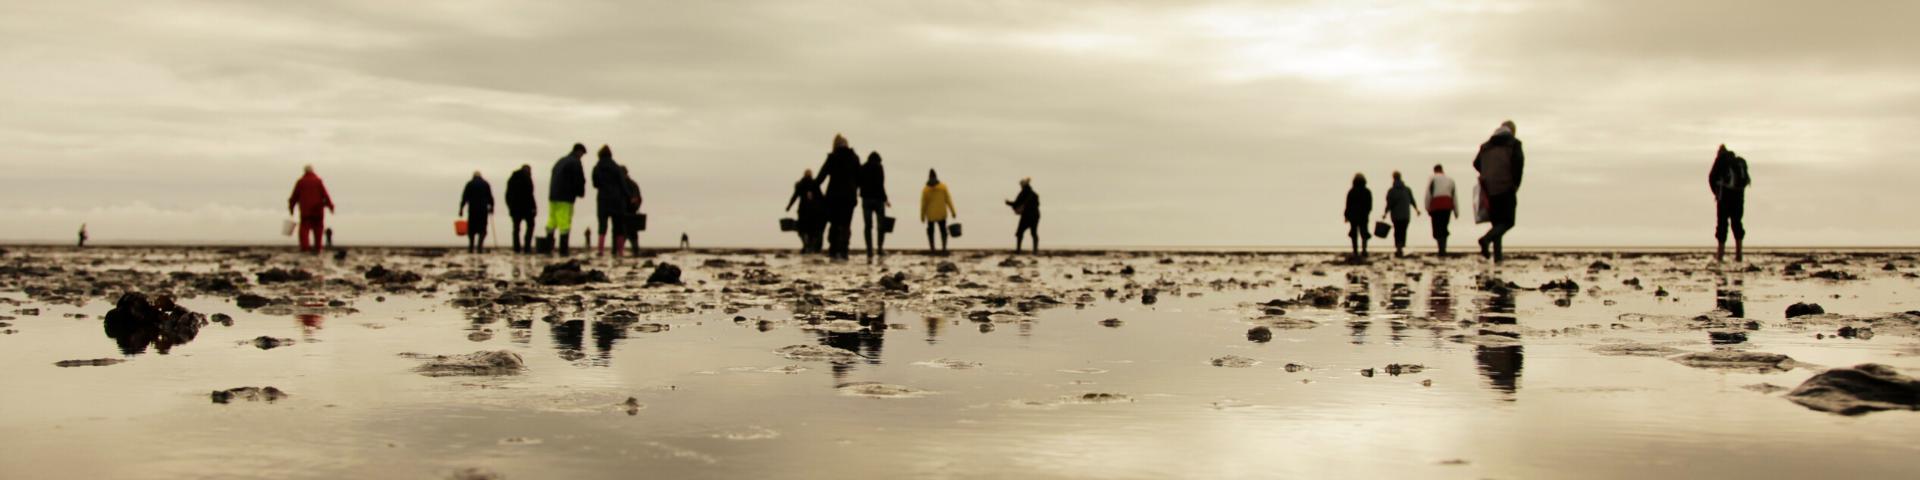 Personen im Wattenmeer